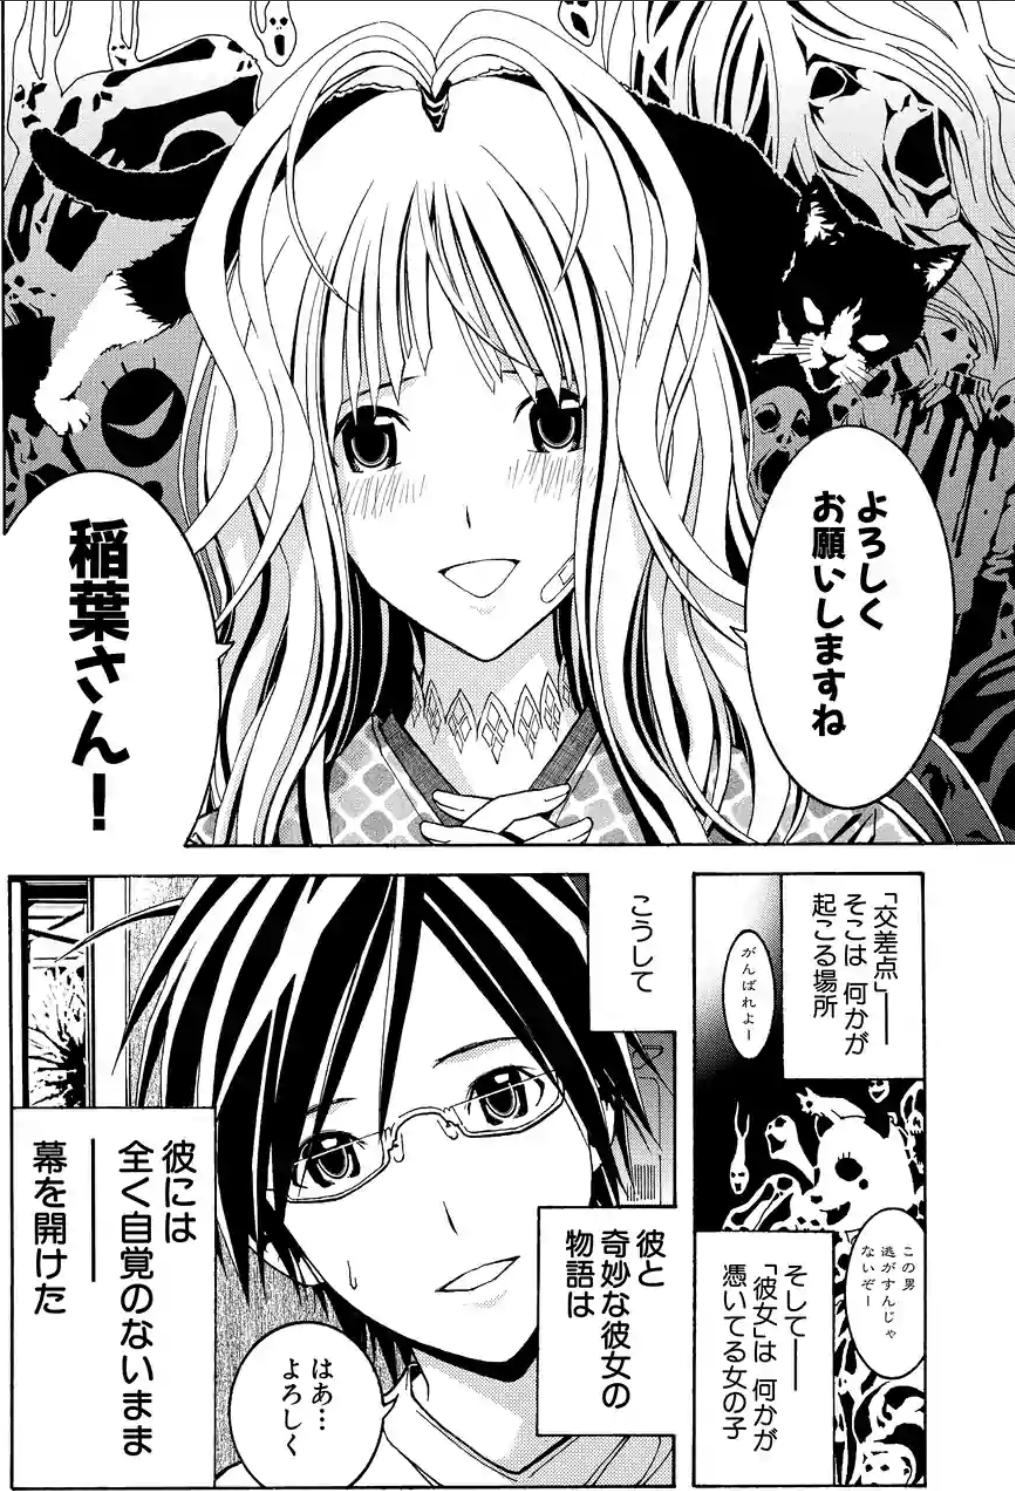 『恋愛怪談サヨコさん』あらすじ